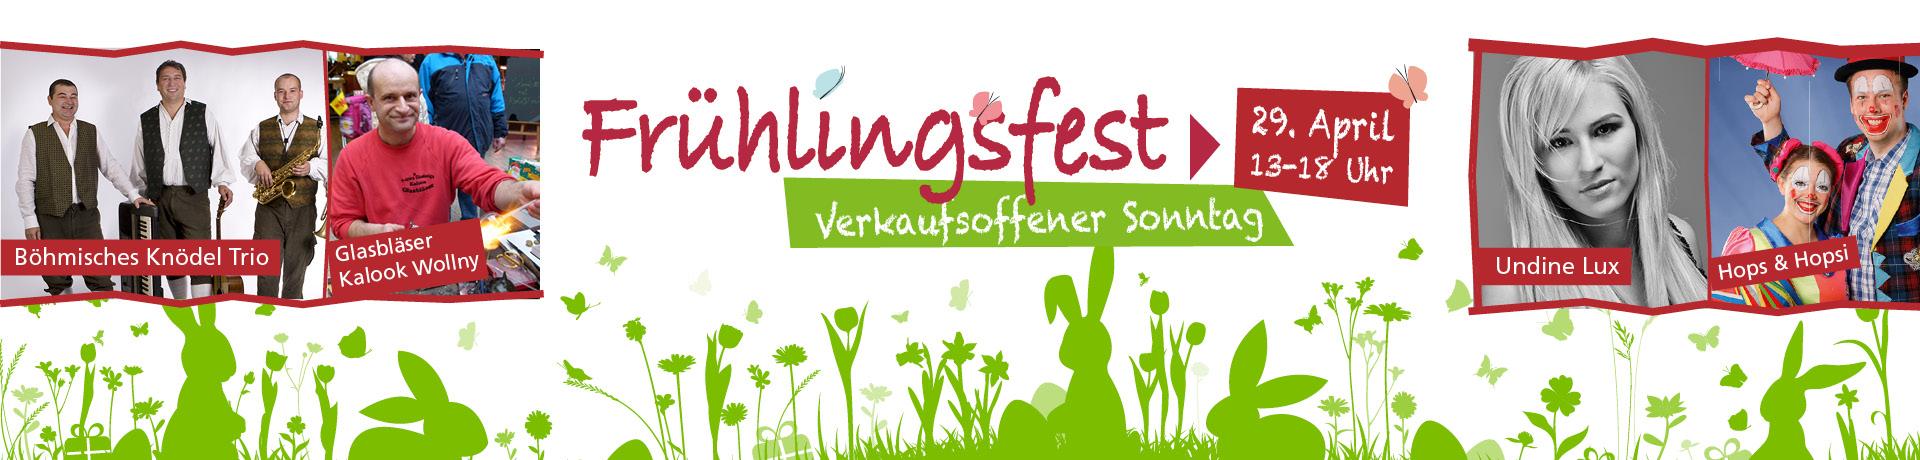 Slider_Fruehlingsfest_2018